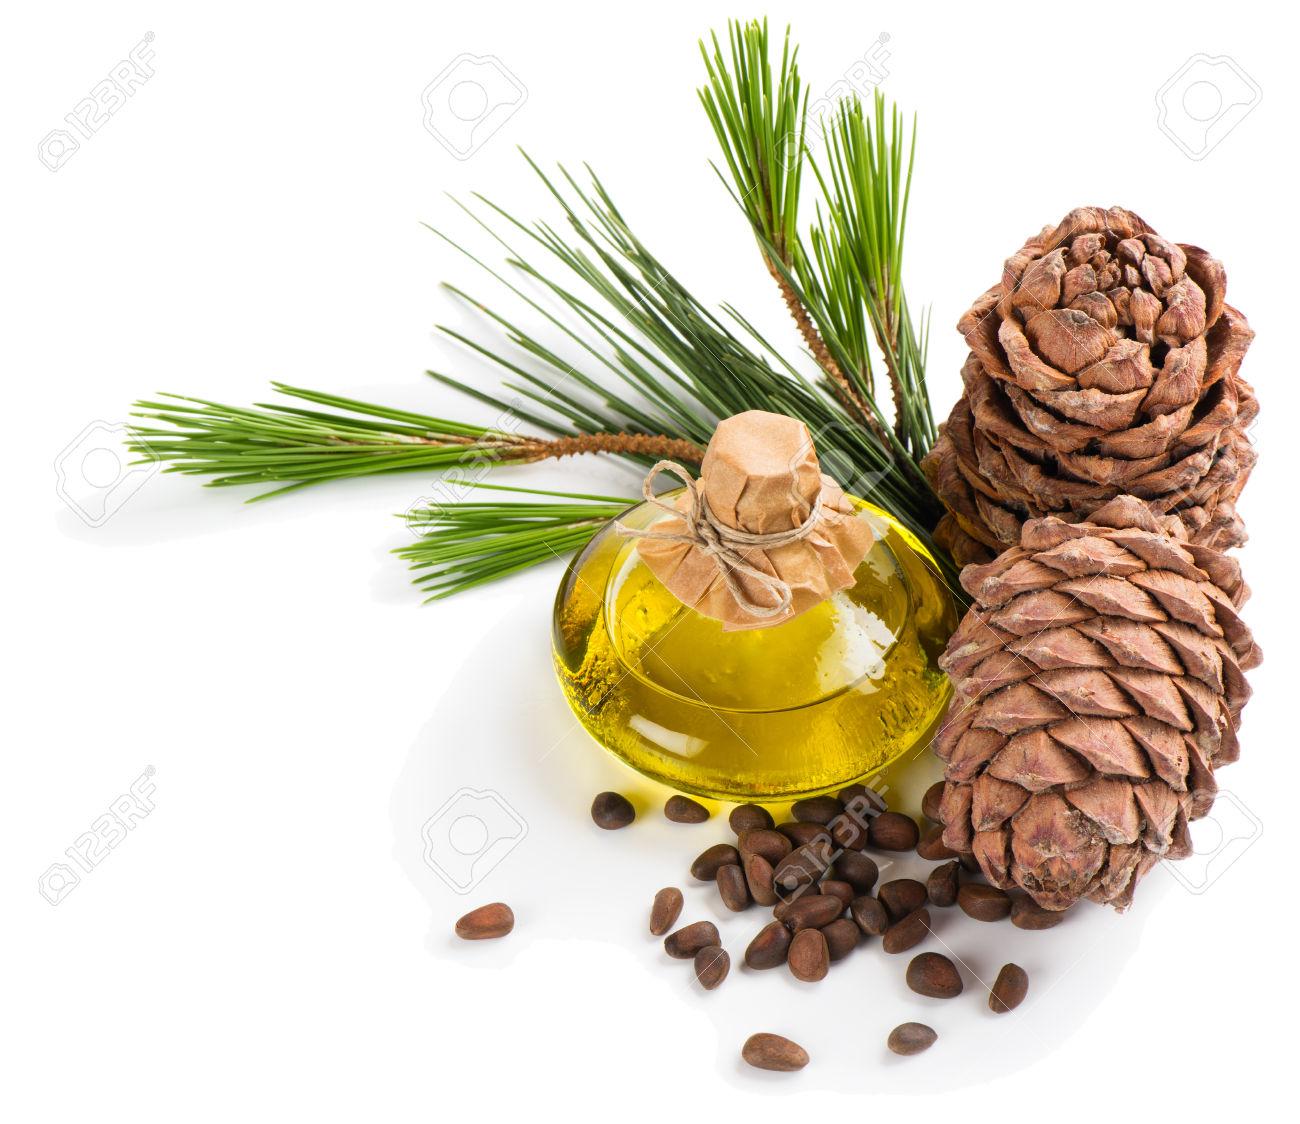 Aceites esenciales para crecimiento de barba, natural y sin químicos para tu piel.